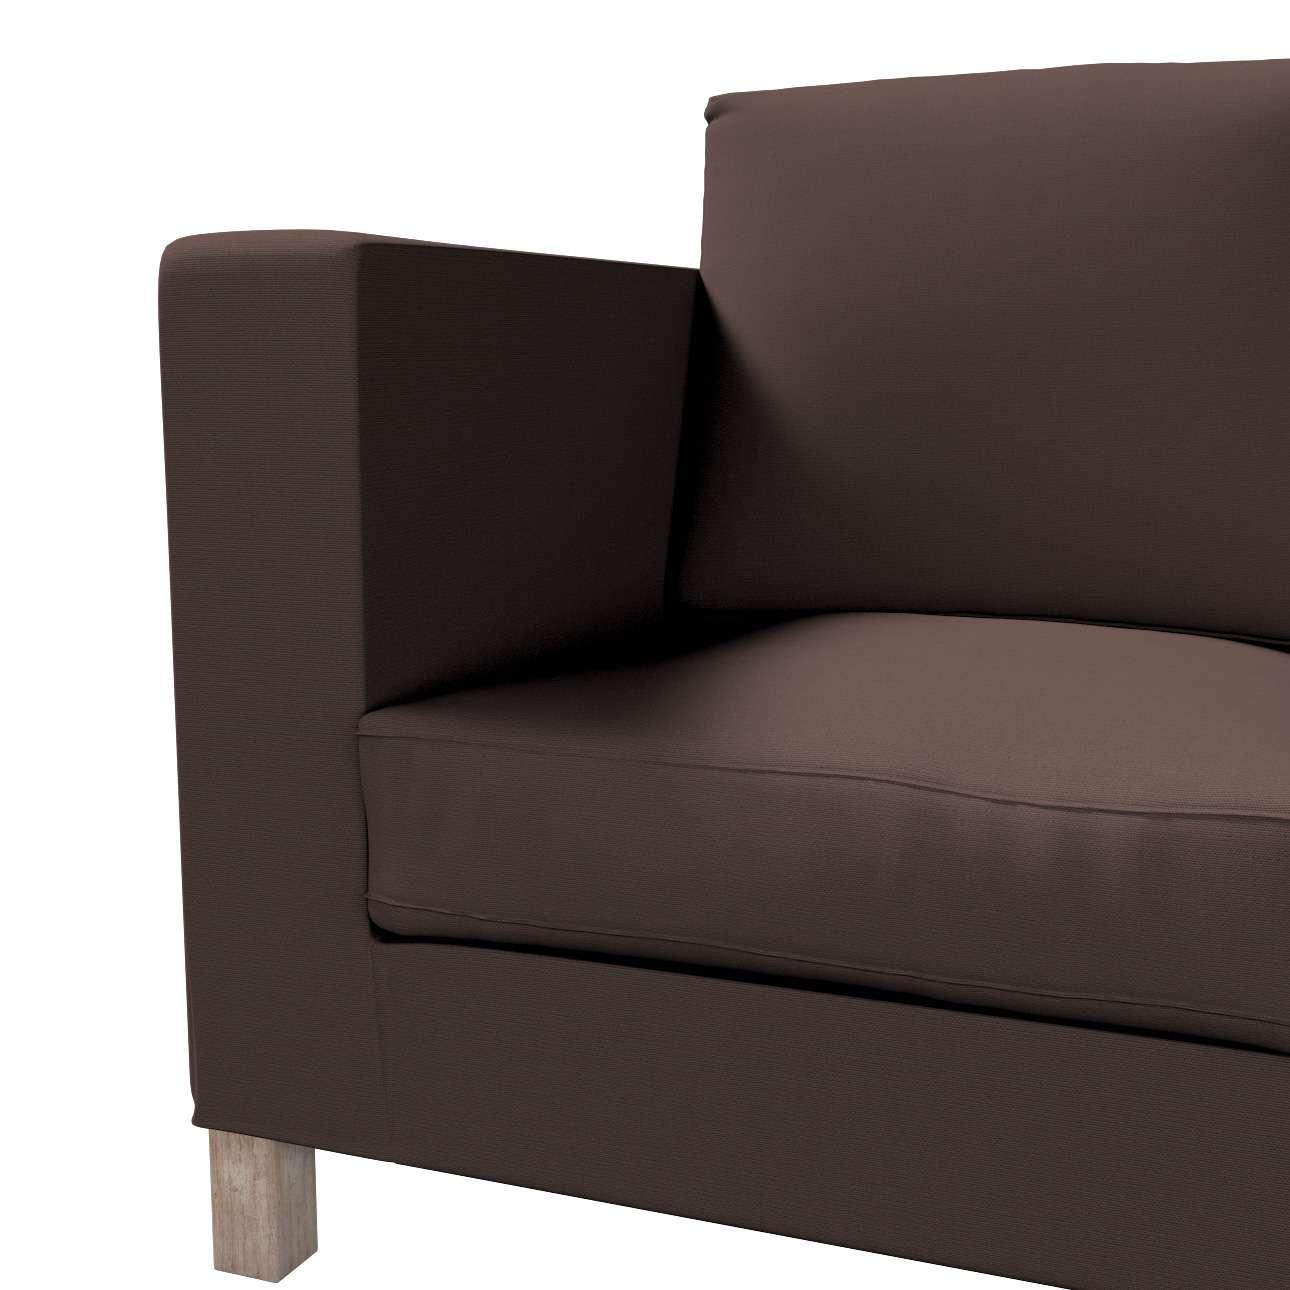 Karlanda 3-Sitzer Sofabezug nicht ausklappbar kurz von der Kollektion Cotton Panama, Stoff: 702-03